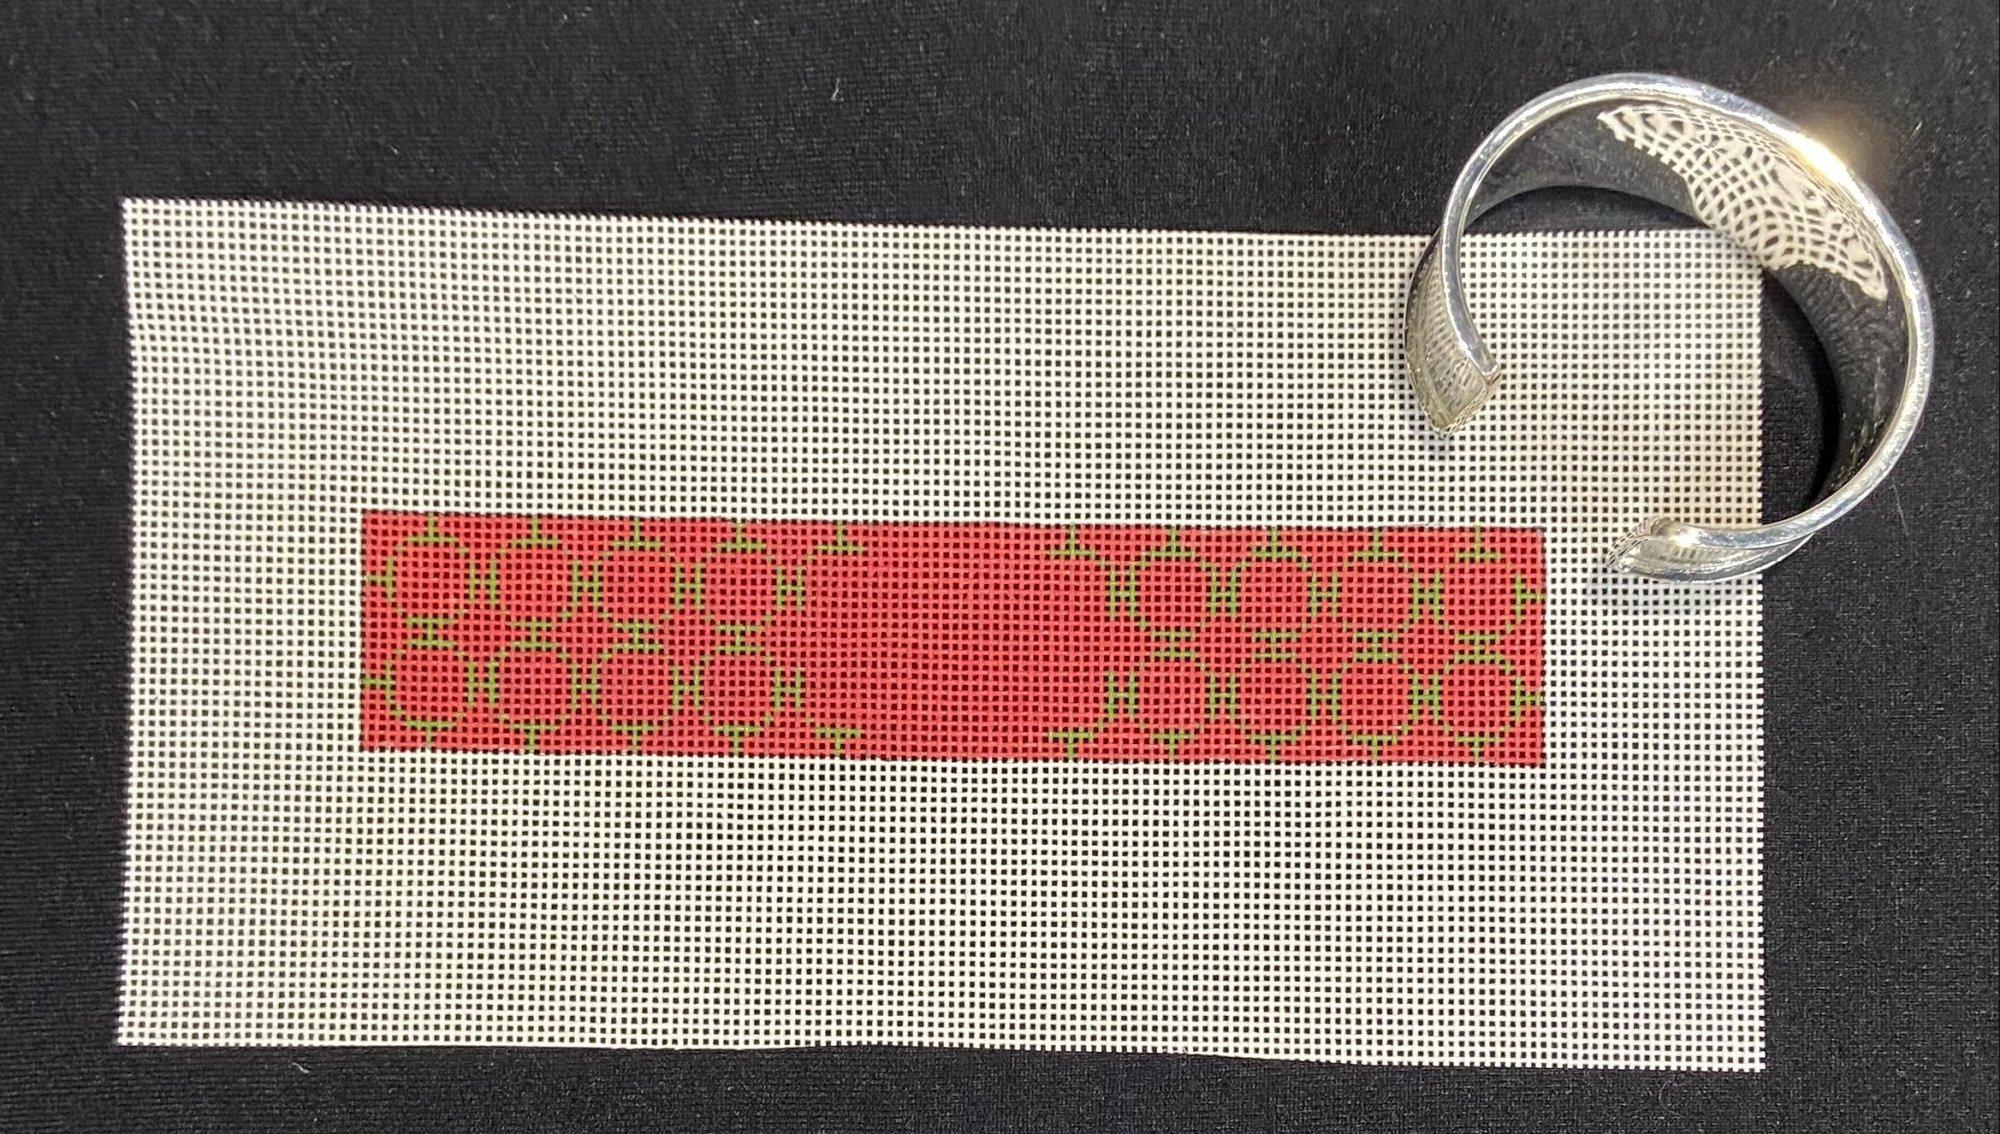 Channel Cuff Bracelet w/ Patterned Canvas